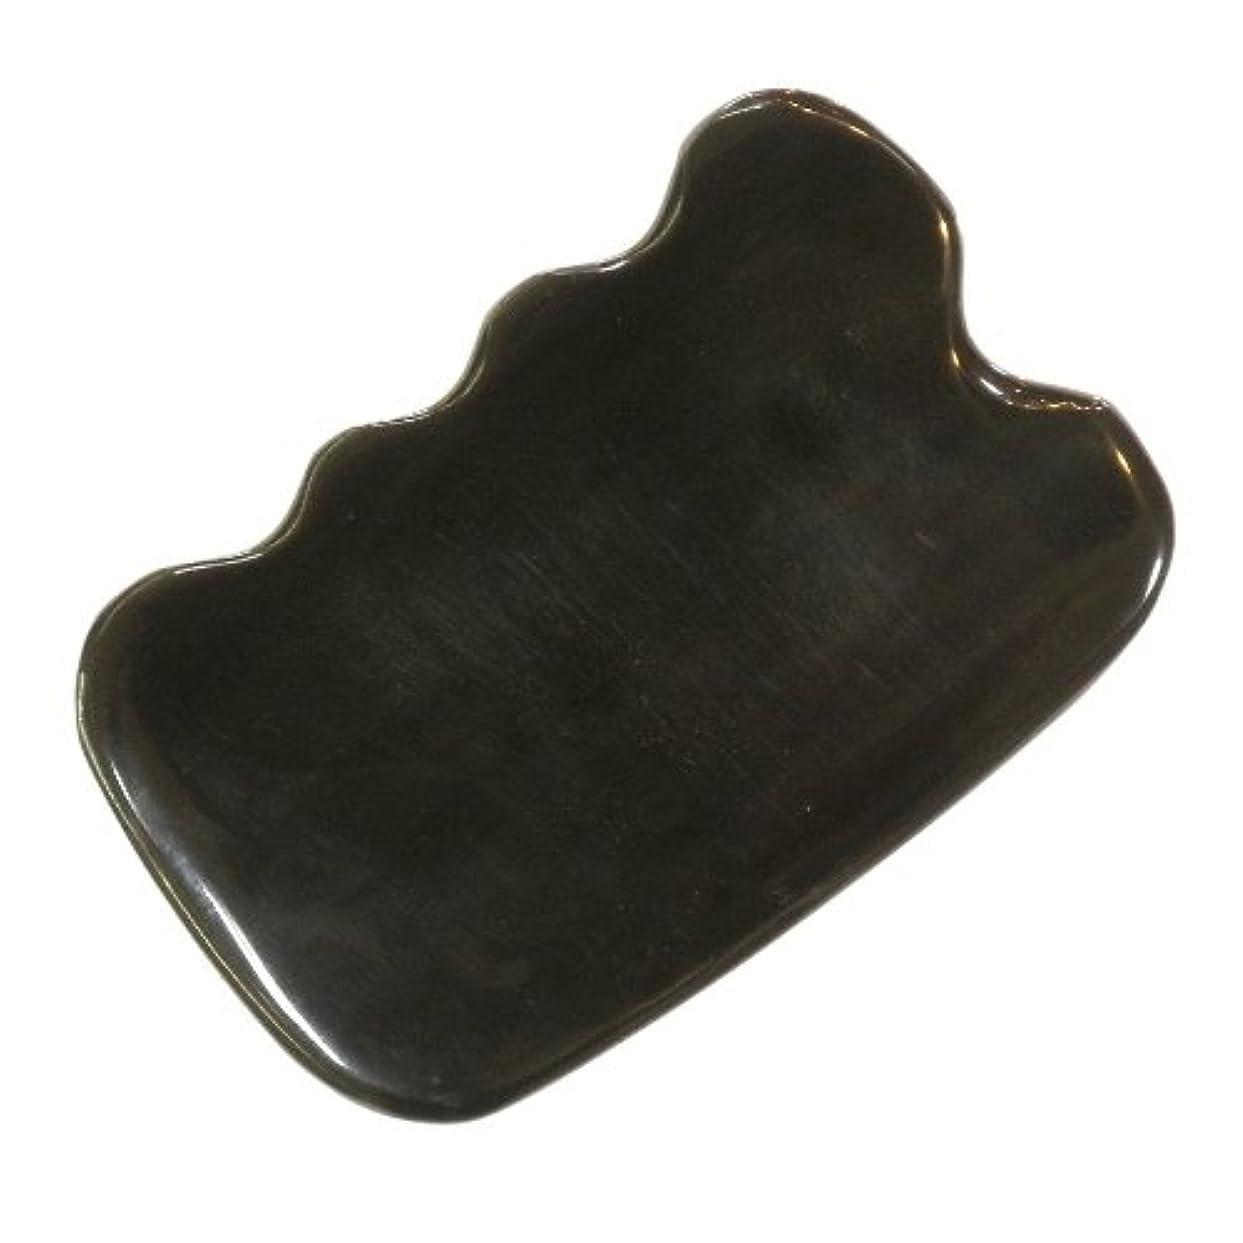 あご失うシアーかっさ プレート 厚さが選べる ヤクの角(水牛の角) EHE272SP 四角波大 特級品 標準(6ミリ程度)